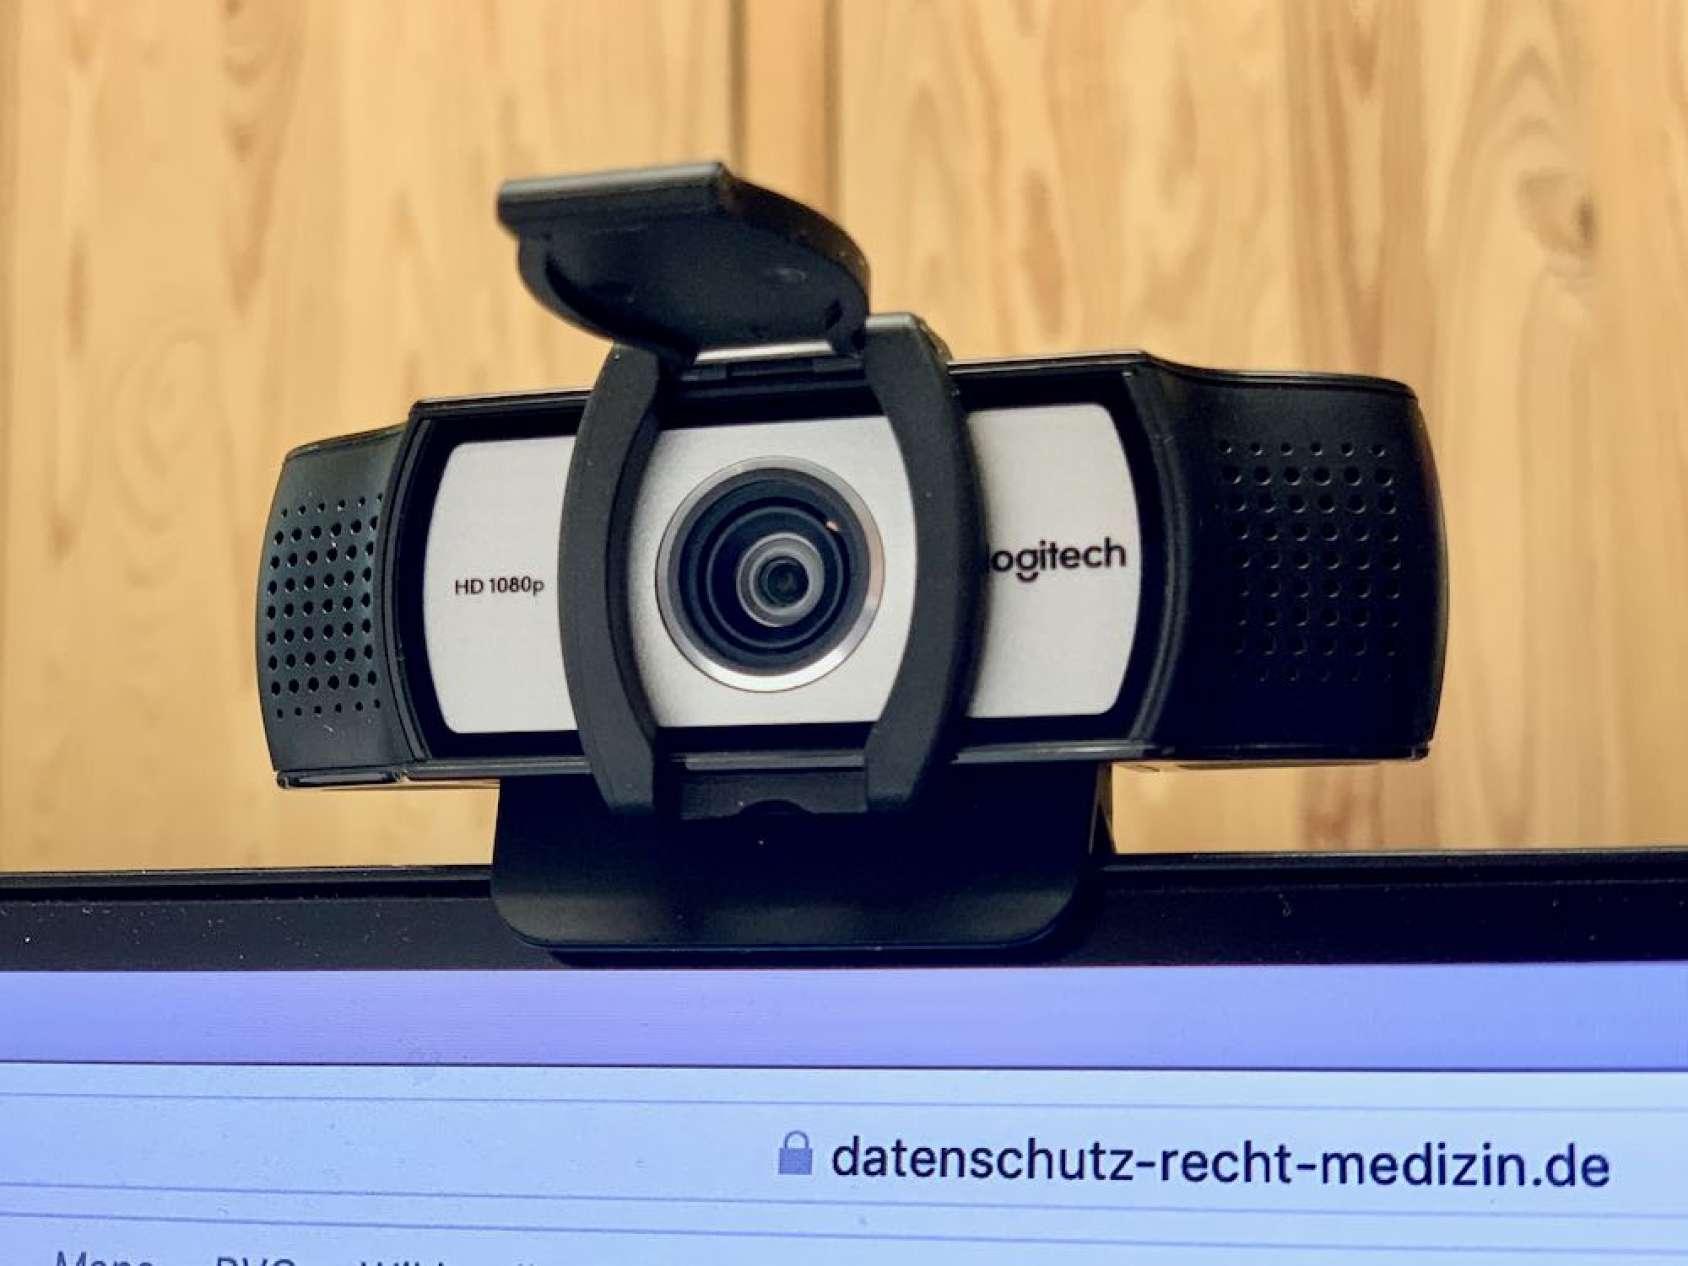 Homeoffice, Corona, Covid 19, Videokamera für Videokonferenz, Videosprechstunde, Datenschutz, DSGVO, Rechtsanwalt David Seiler, Cottbus